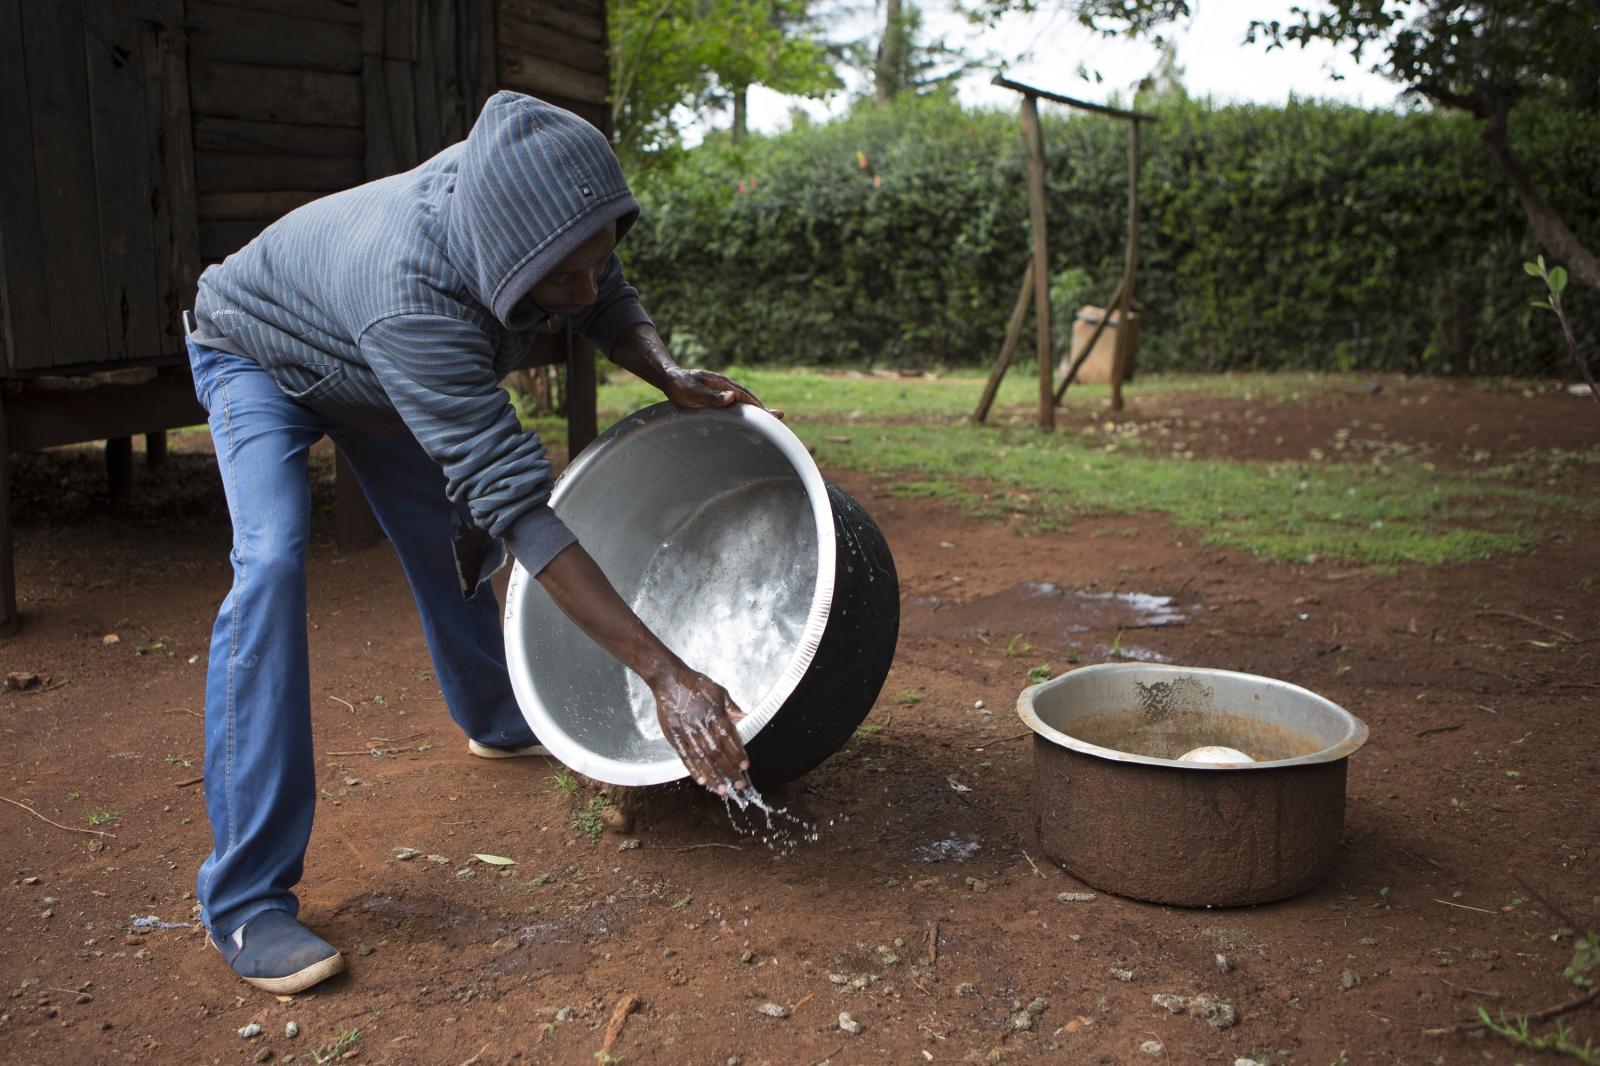 nyama choma gilled meat in kenya